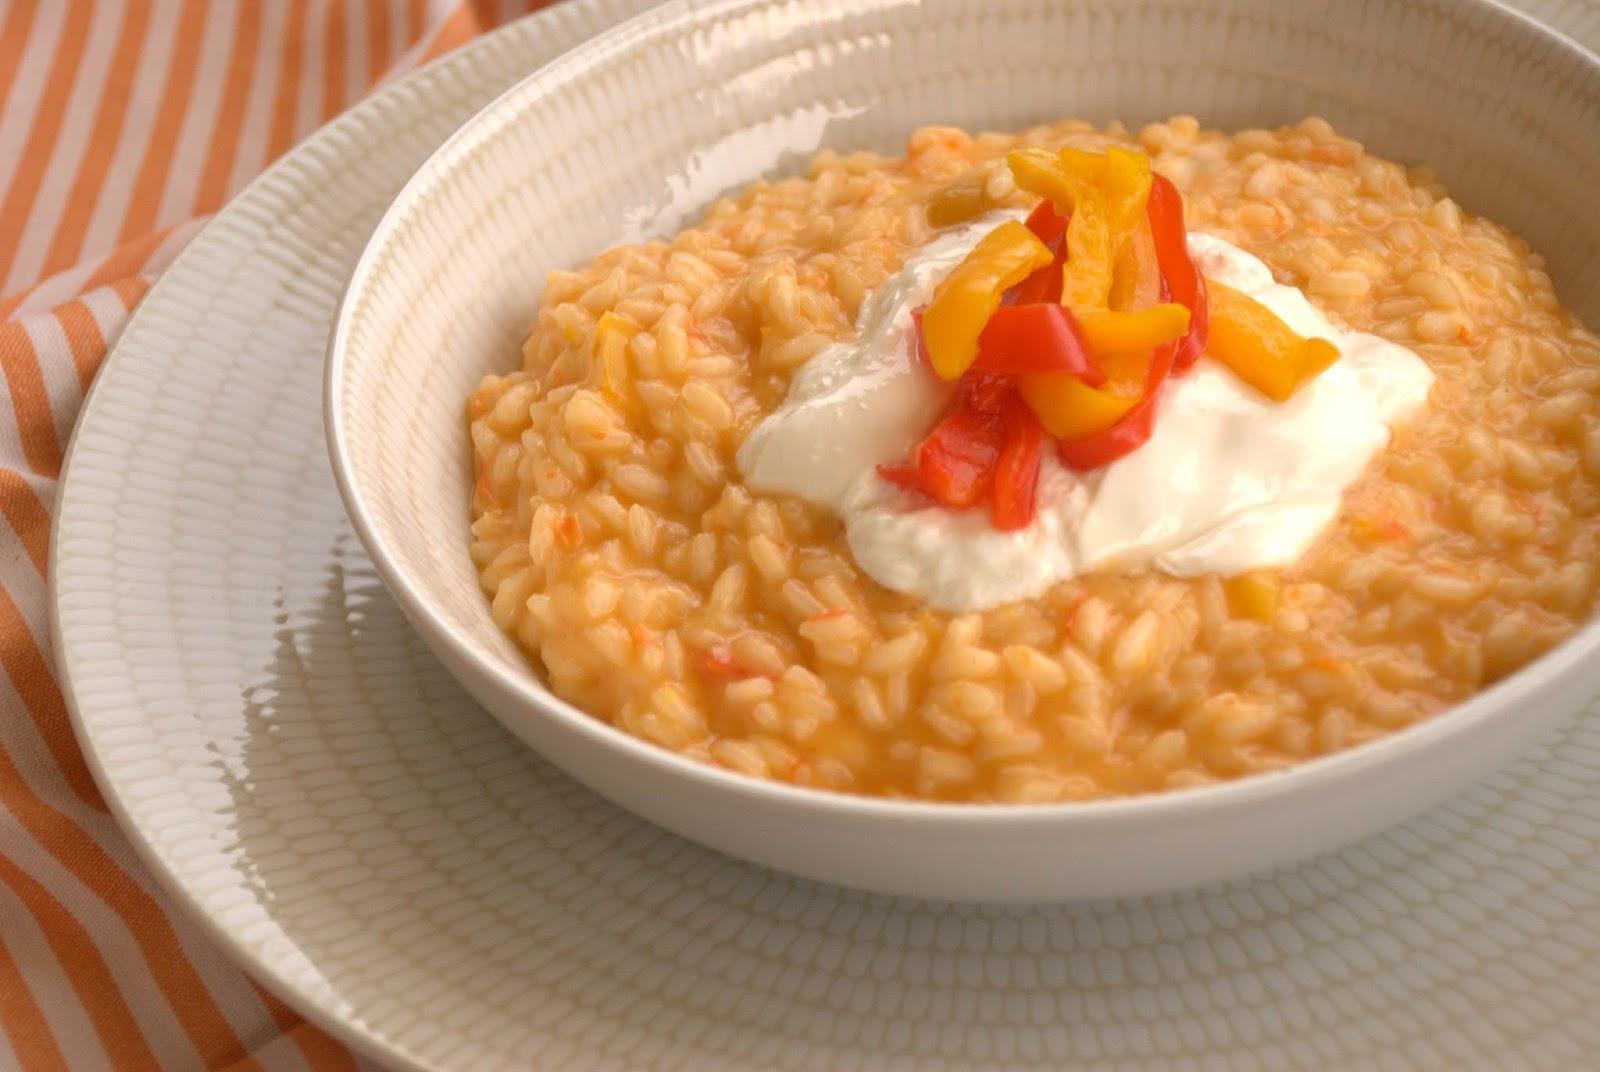 La Credenza Burrata : La gallina vintage: risotto peperoni e burrata